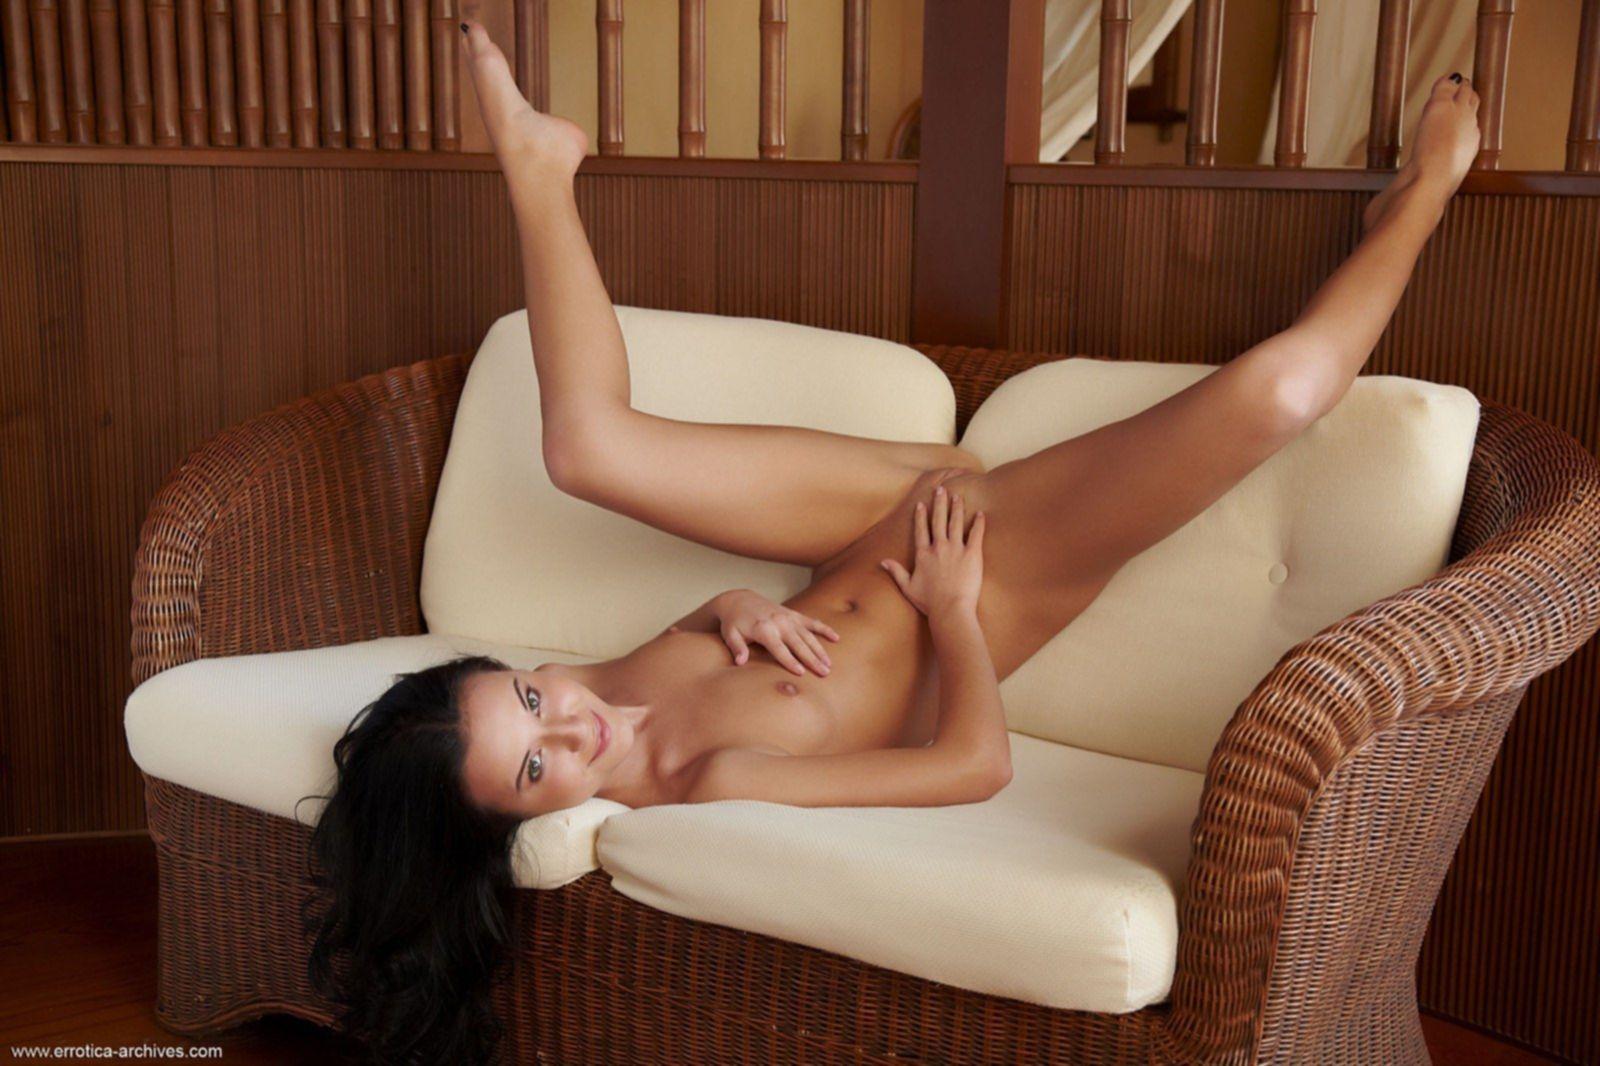 Молодая брюнетка с тощей сексуальной попой на диване - фото